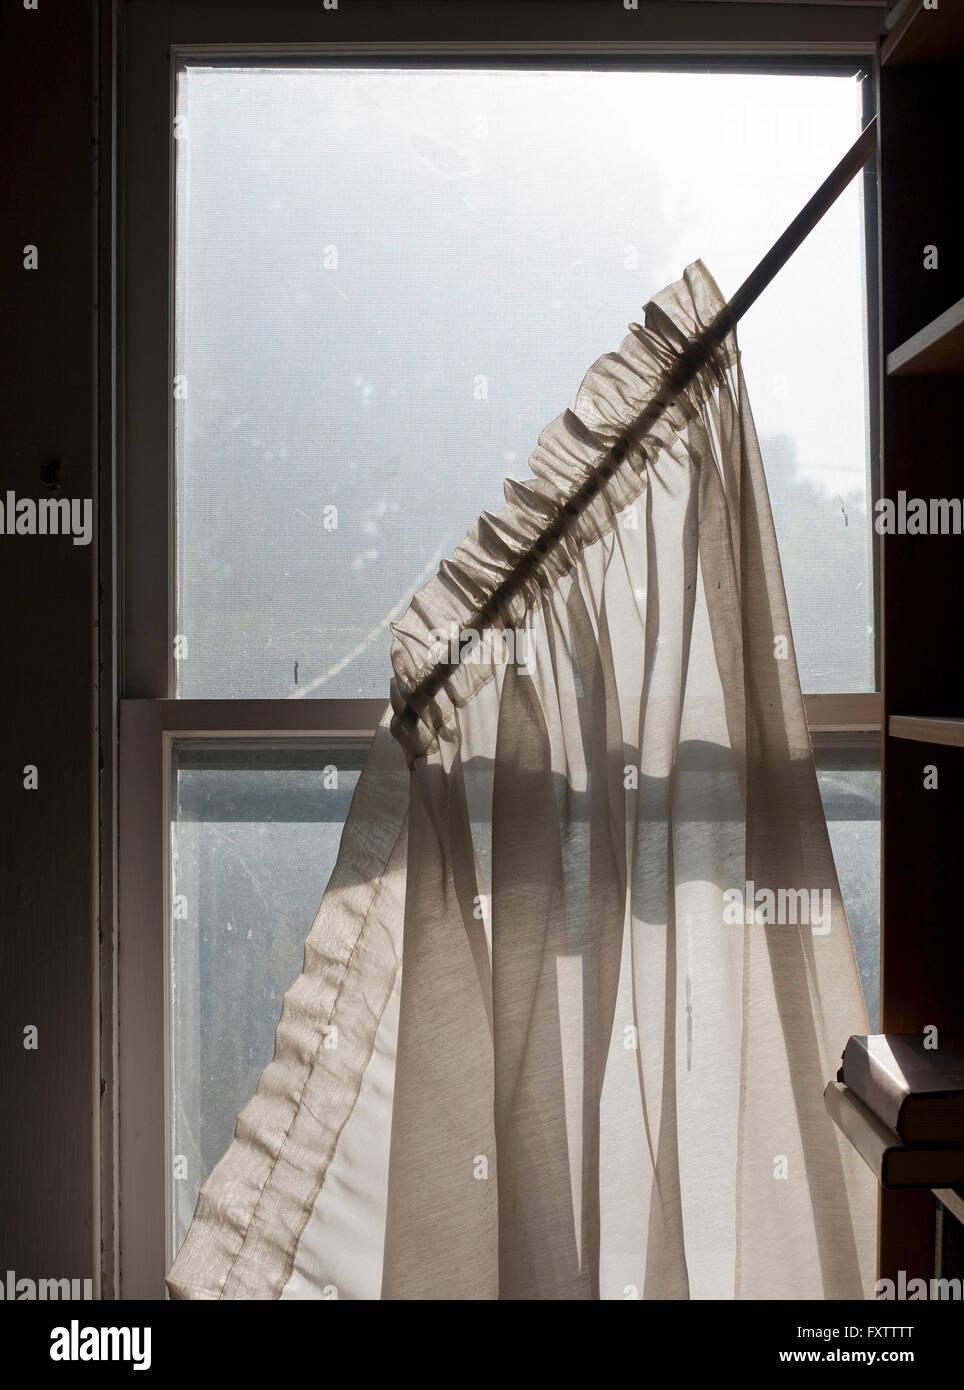 Net curtains in caduta da sporca finestra a ghigliottina Immagini Stock